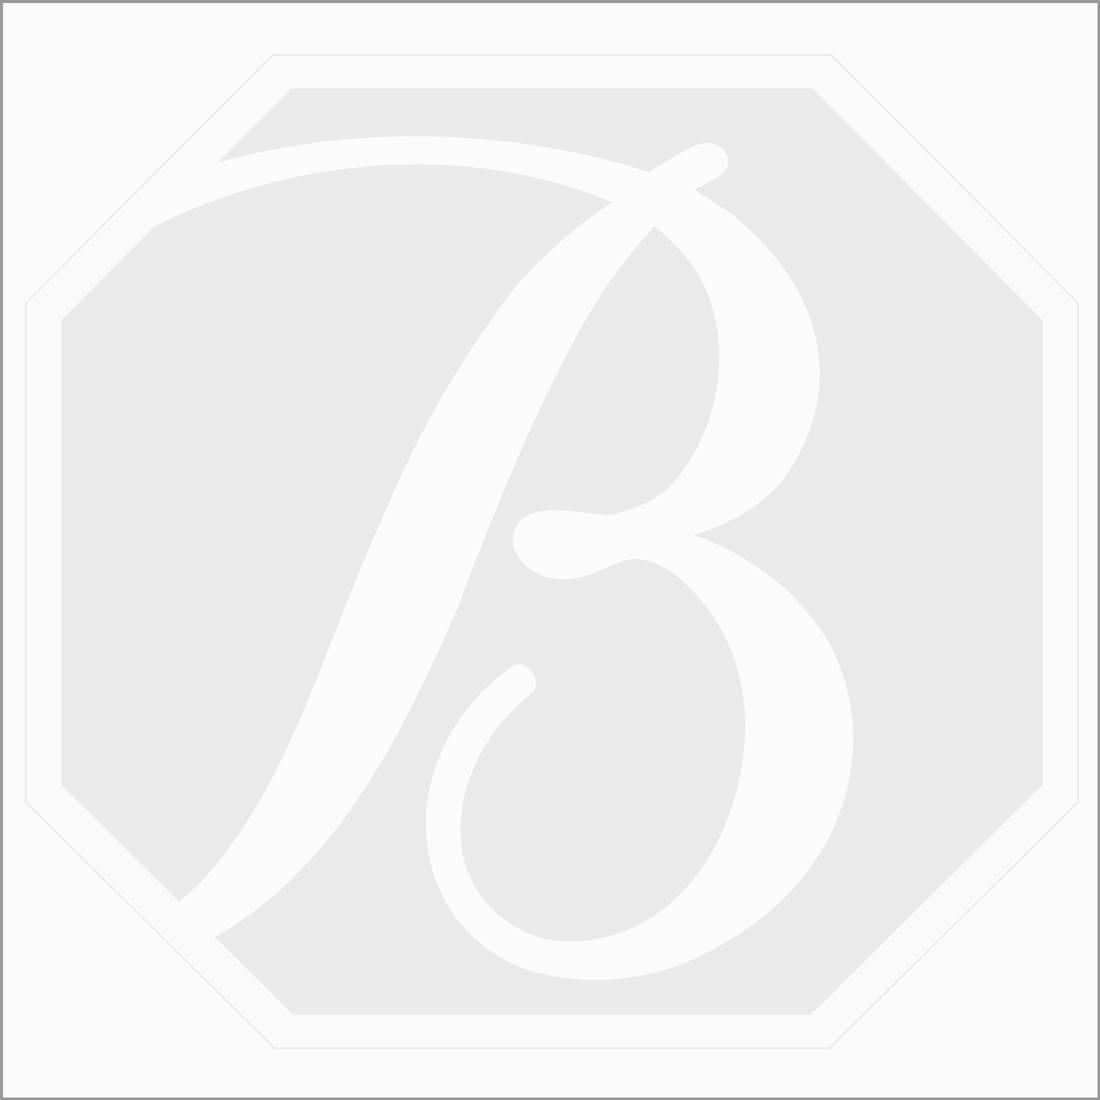 2 Pcs - Dark Green Tourmaline Rose Cuts - 6.32 ct. - 11.1 x 10.6 x 2.7 mm & 11.8 x 10.8 x 2.6 mm (TRC1021)